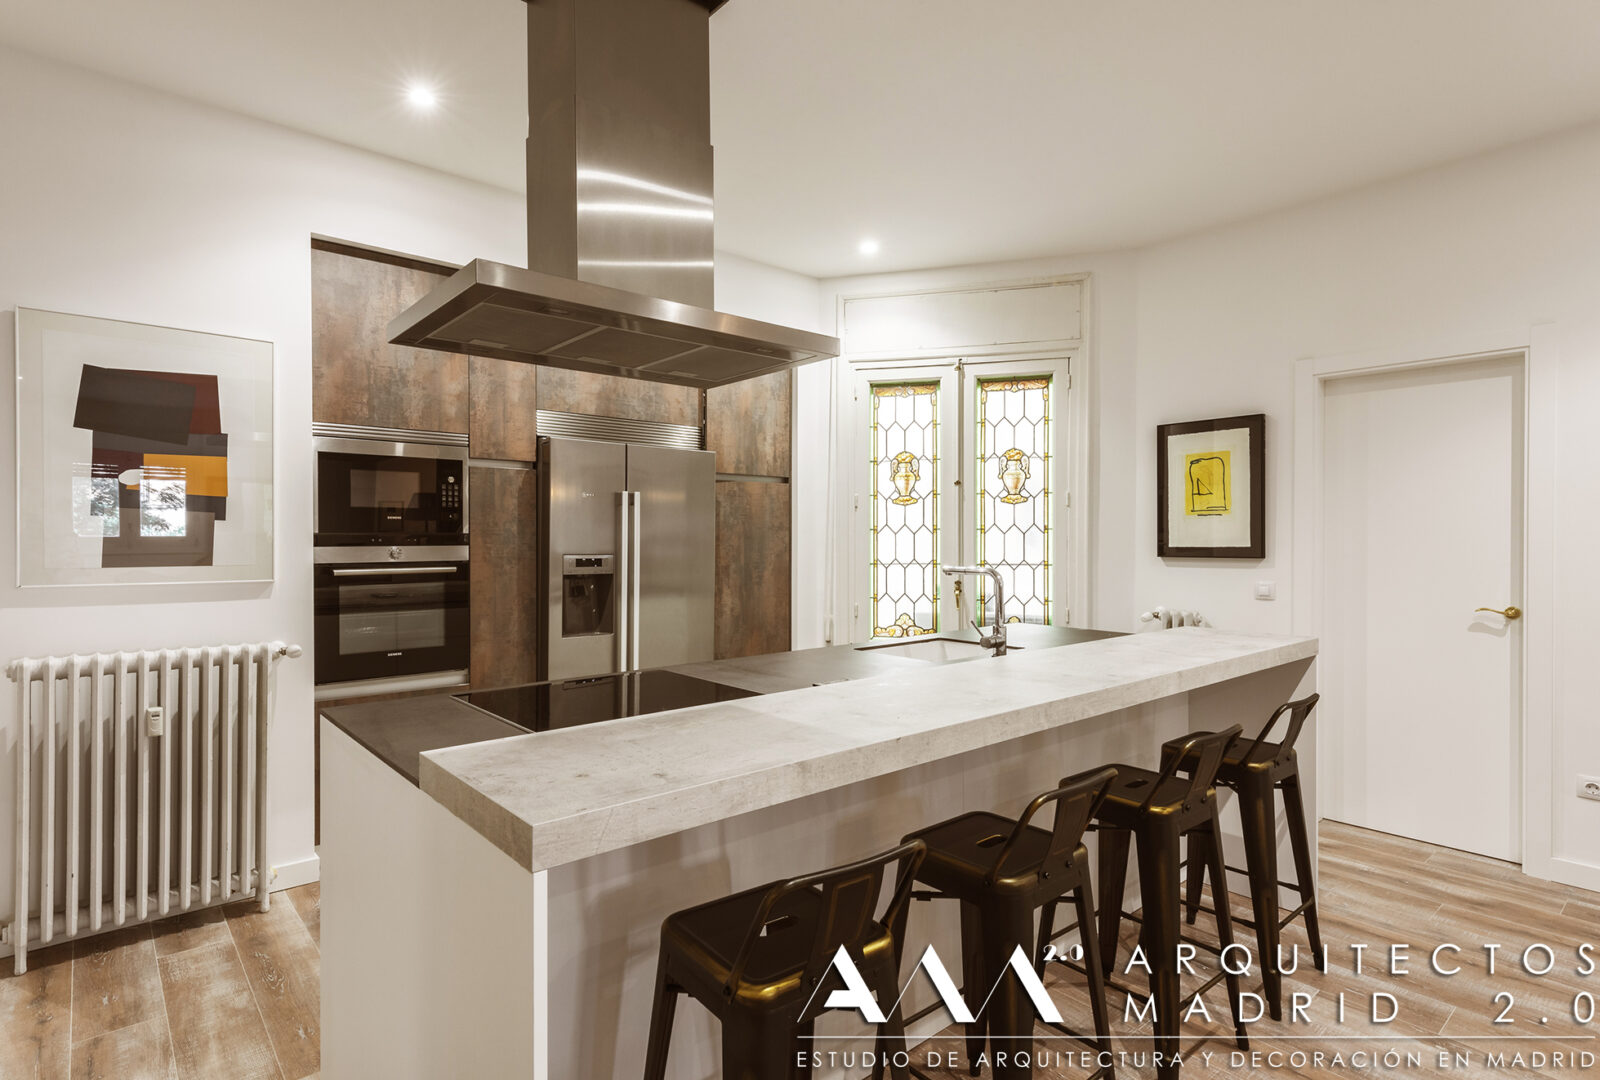 reforma-proyecto-vivienda-chamberi-arquitectos-madrid-decoracion-cocina-isla-01